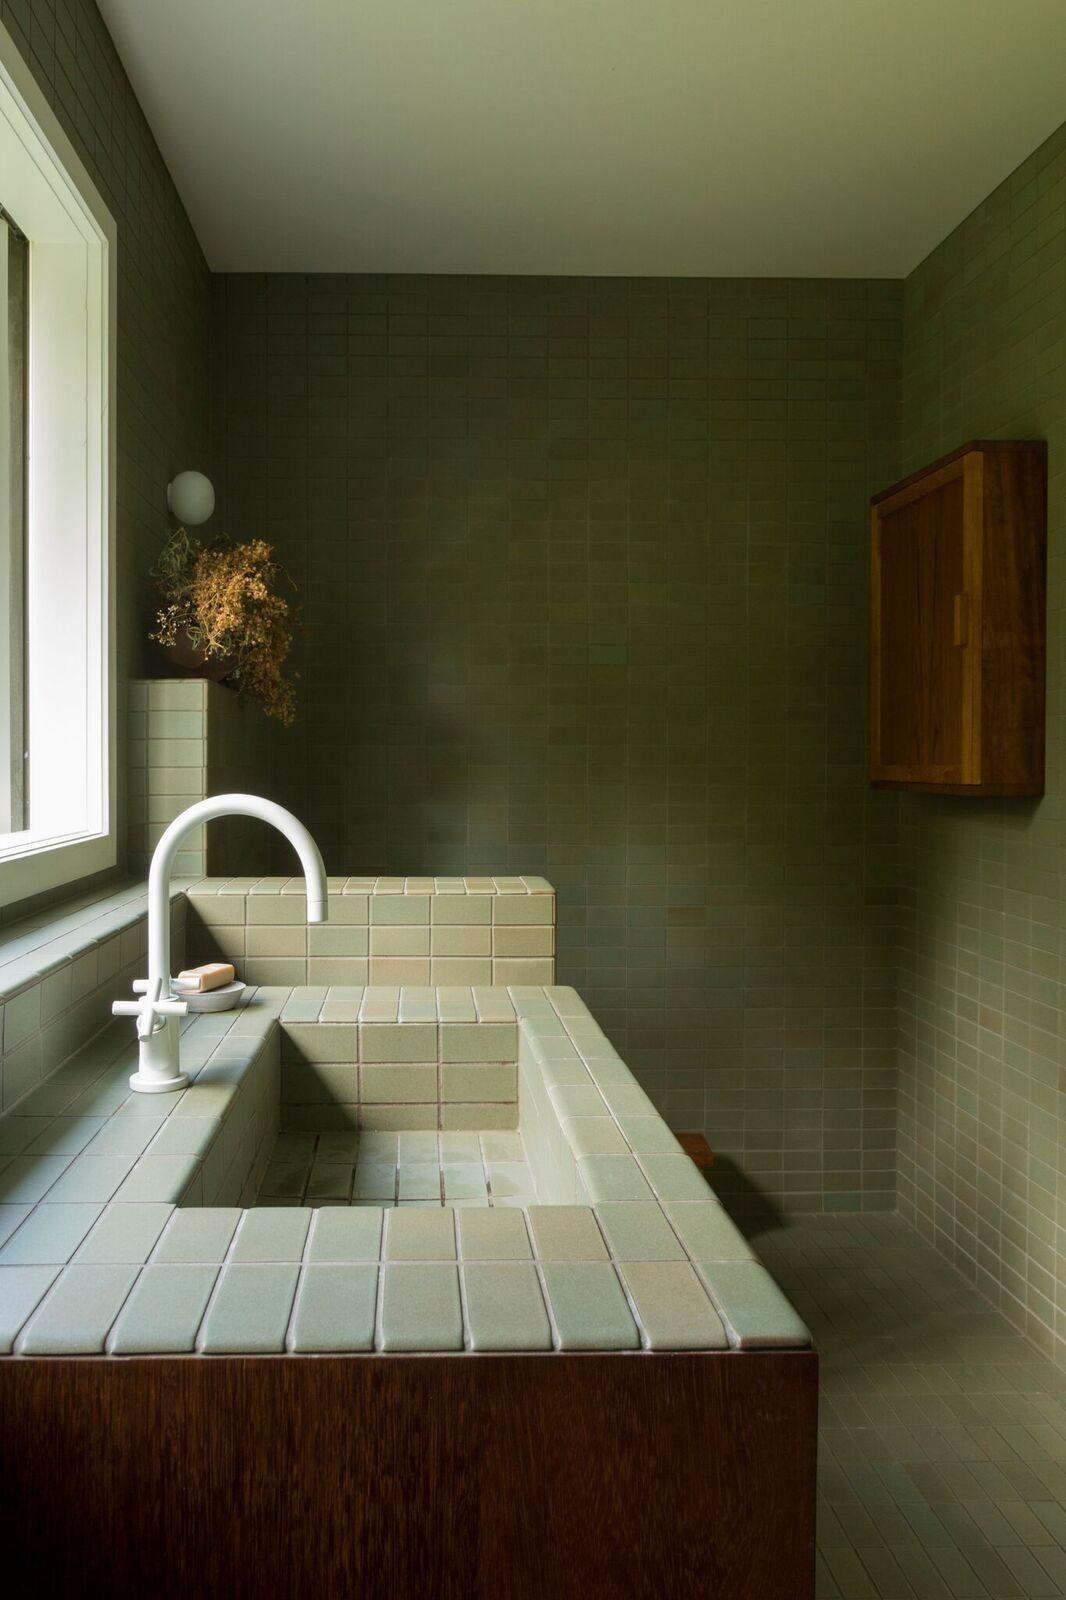 katie-lockhart-studio-heath-ceramics-tile-bathroom-neeve-woodward-2.jpg